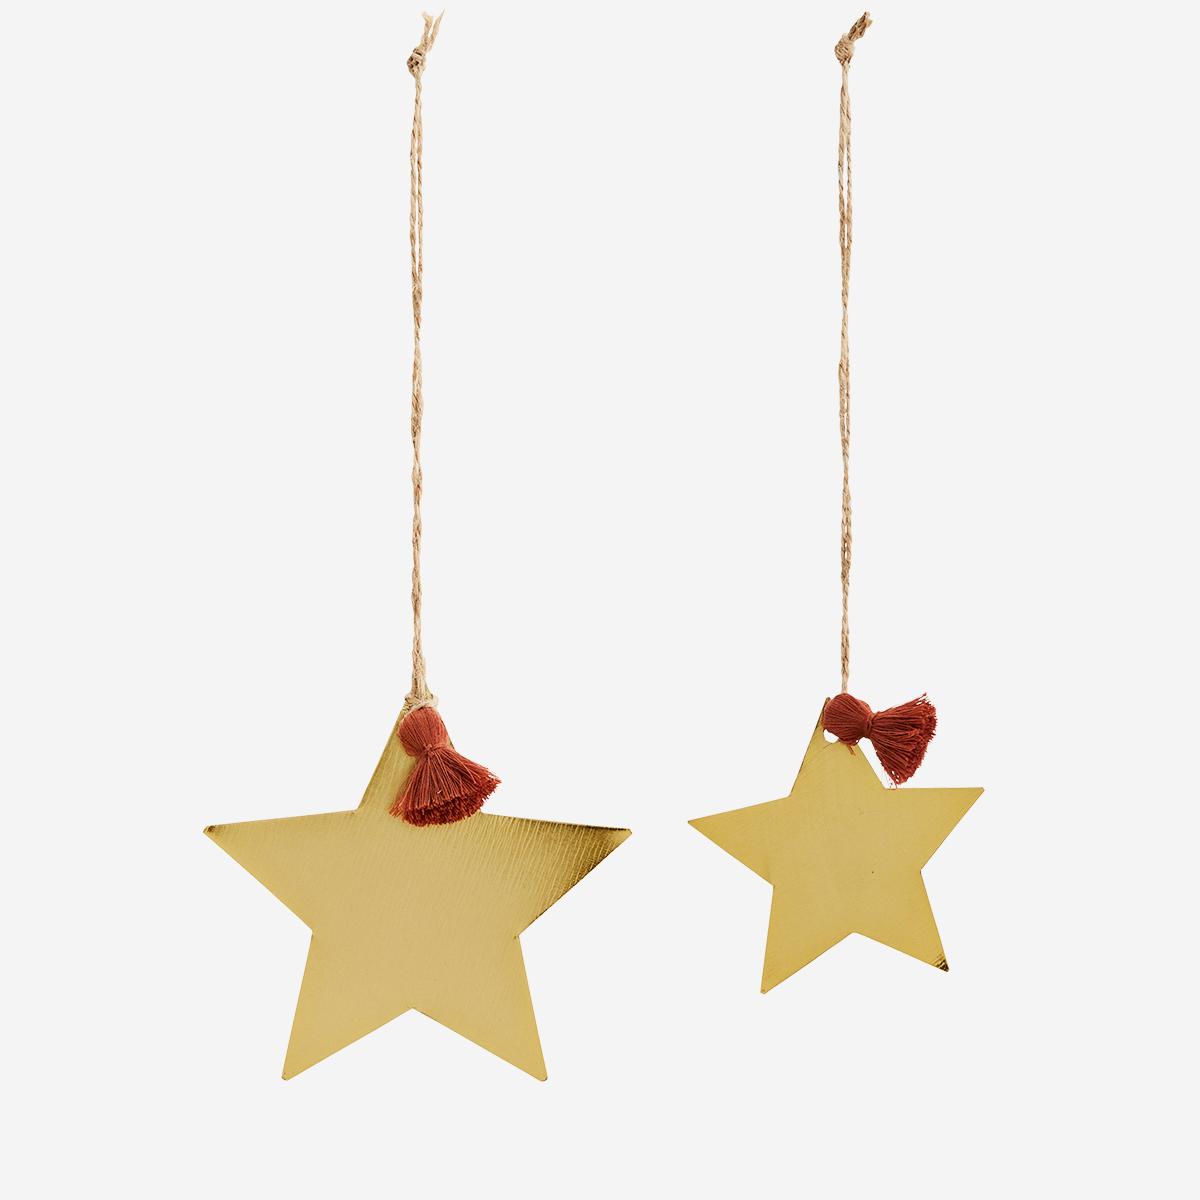 Colgante Estrella - oro antiguo - adorno - Madam Stoltz - metal - Liderlamp (1)